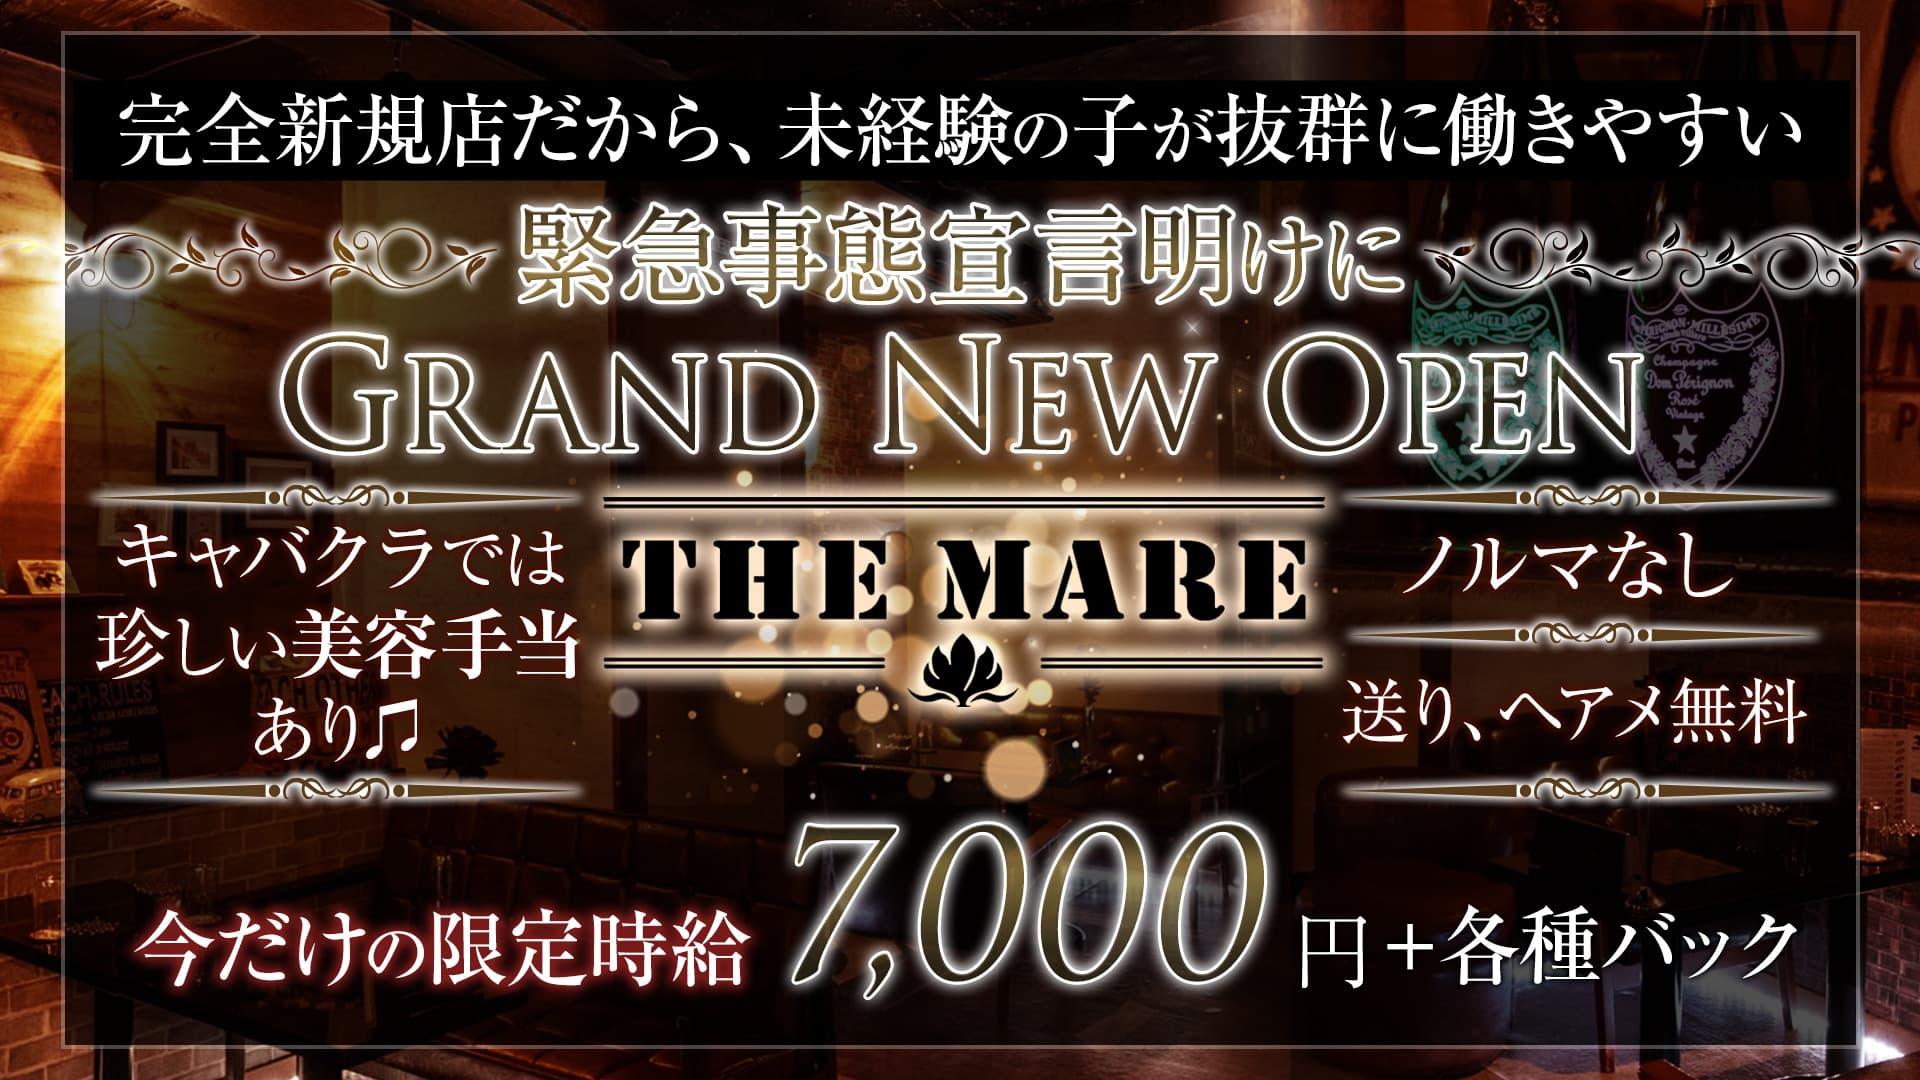 【津田沼】THE MARE(マーレ)【公式求人・体入情報】 西船橋キャバクラ TOP画像